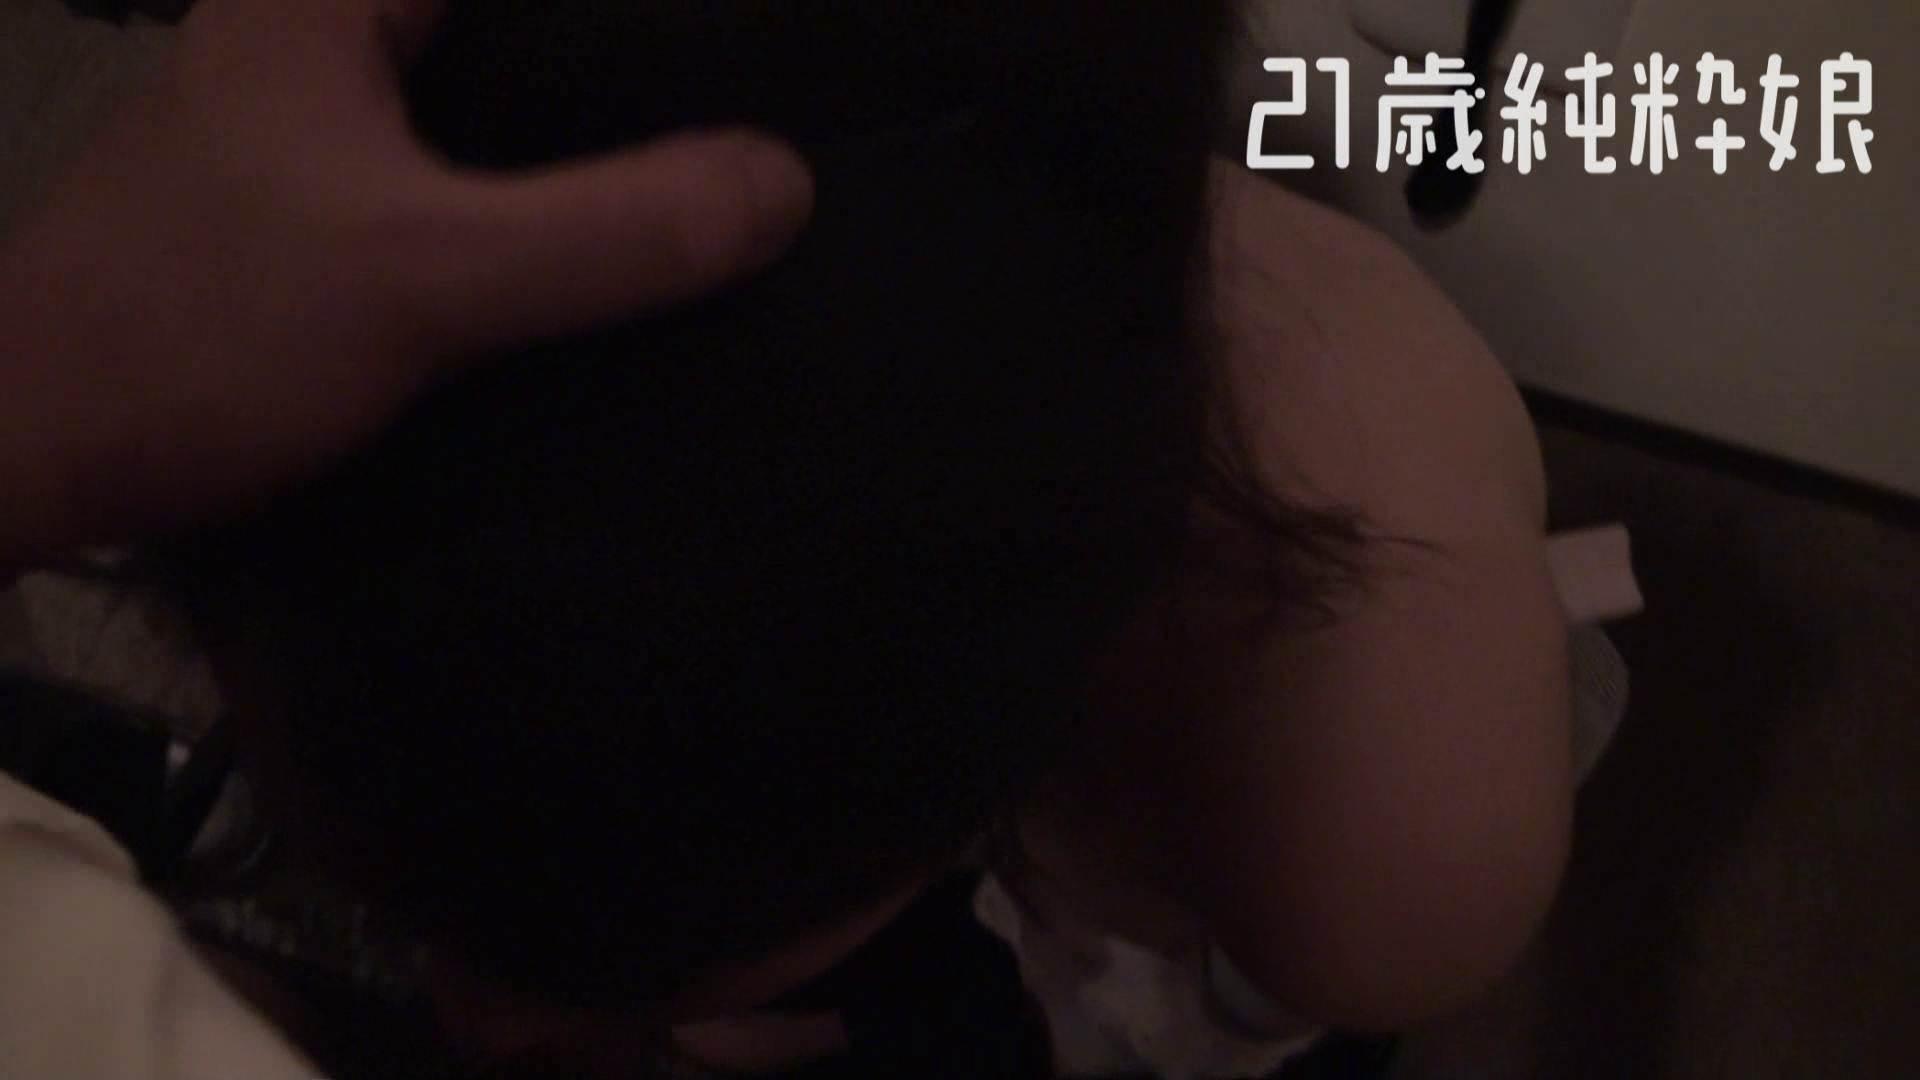 上京したばかりのGカップ21歳純粋嬢を都合の良い女にしてみた 出会い系 AV動画キャプチャ 86pic 80